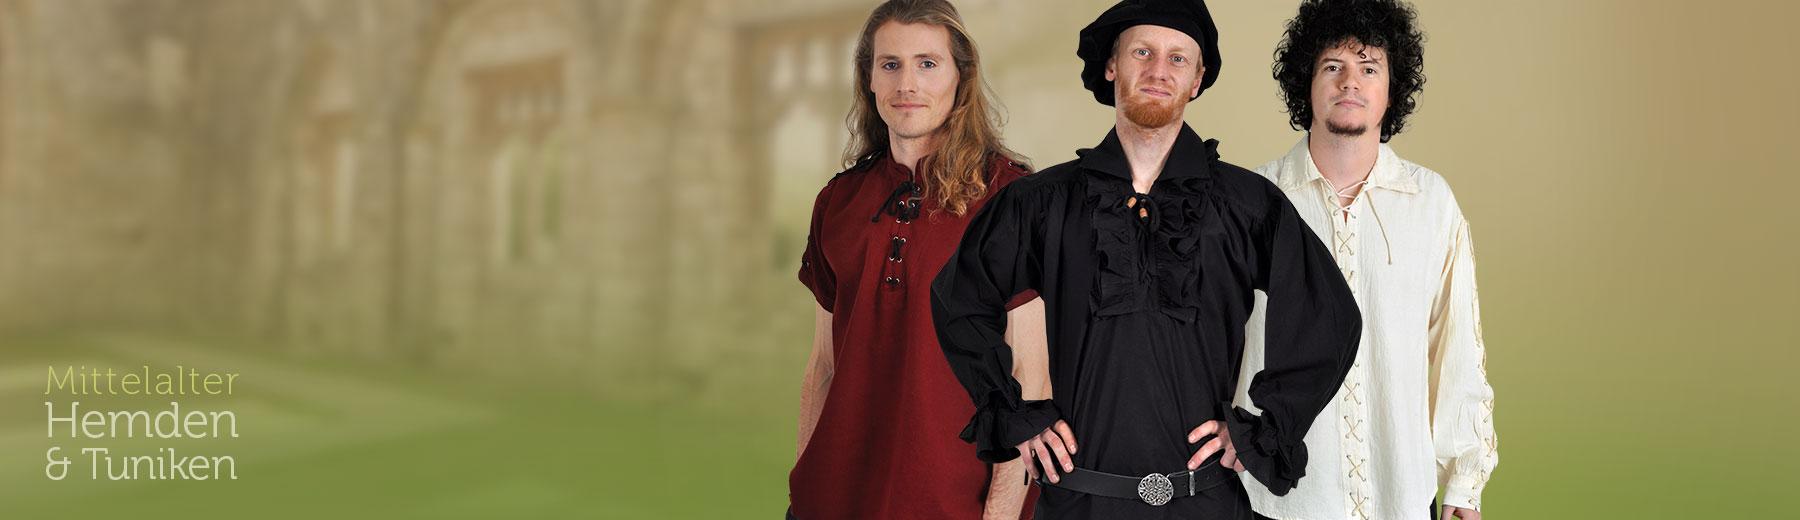 Hemden & Tuniken